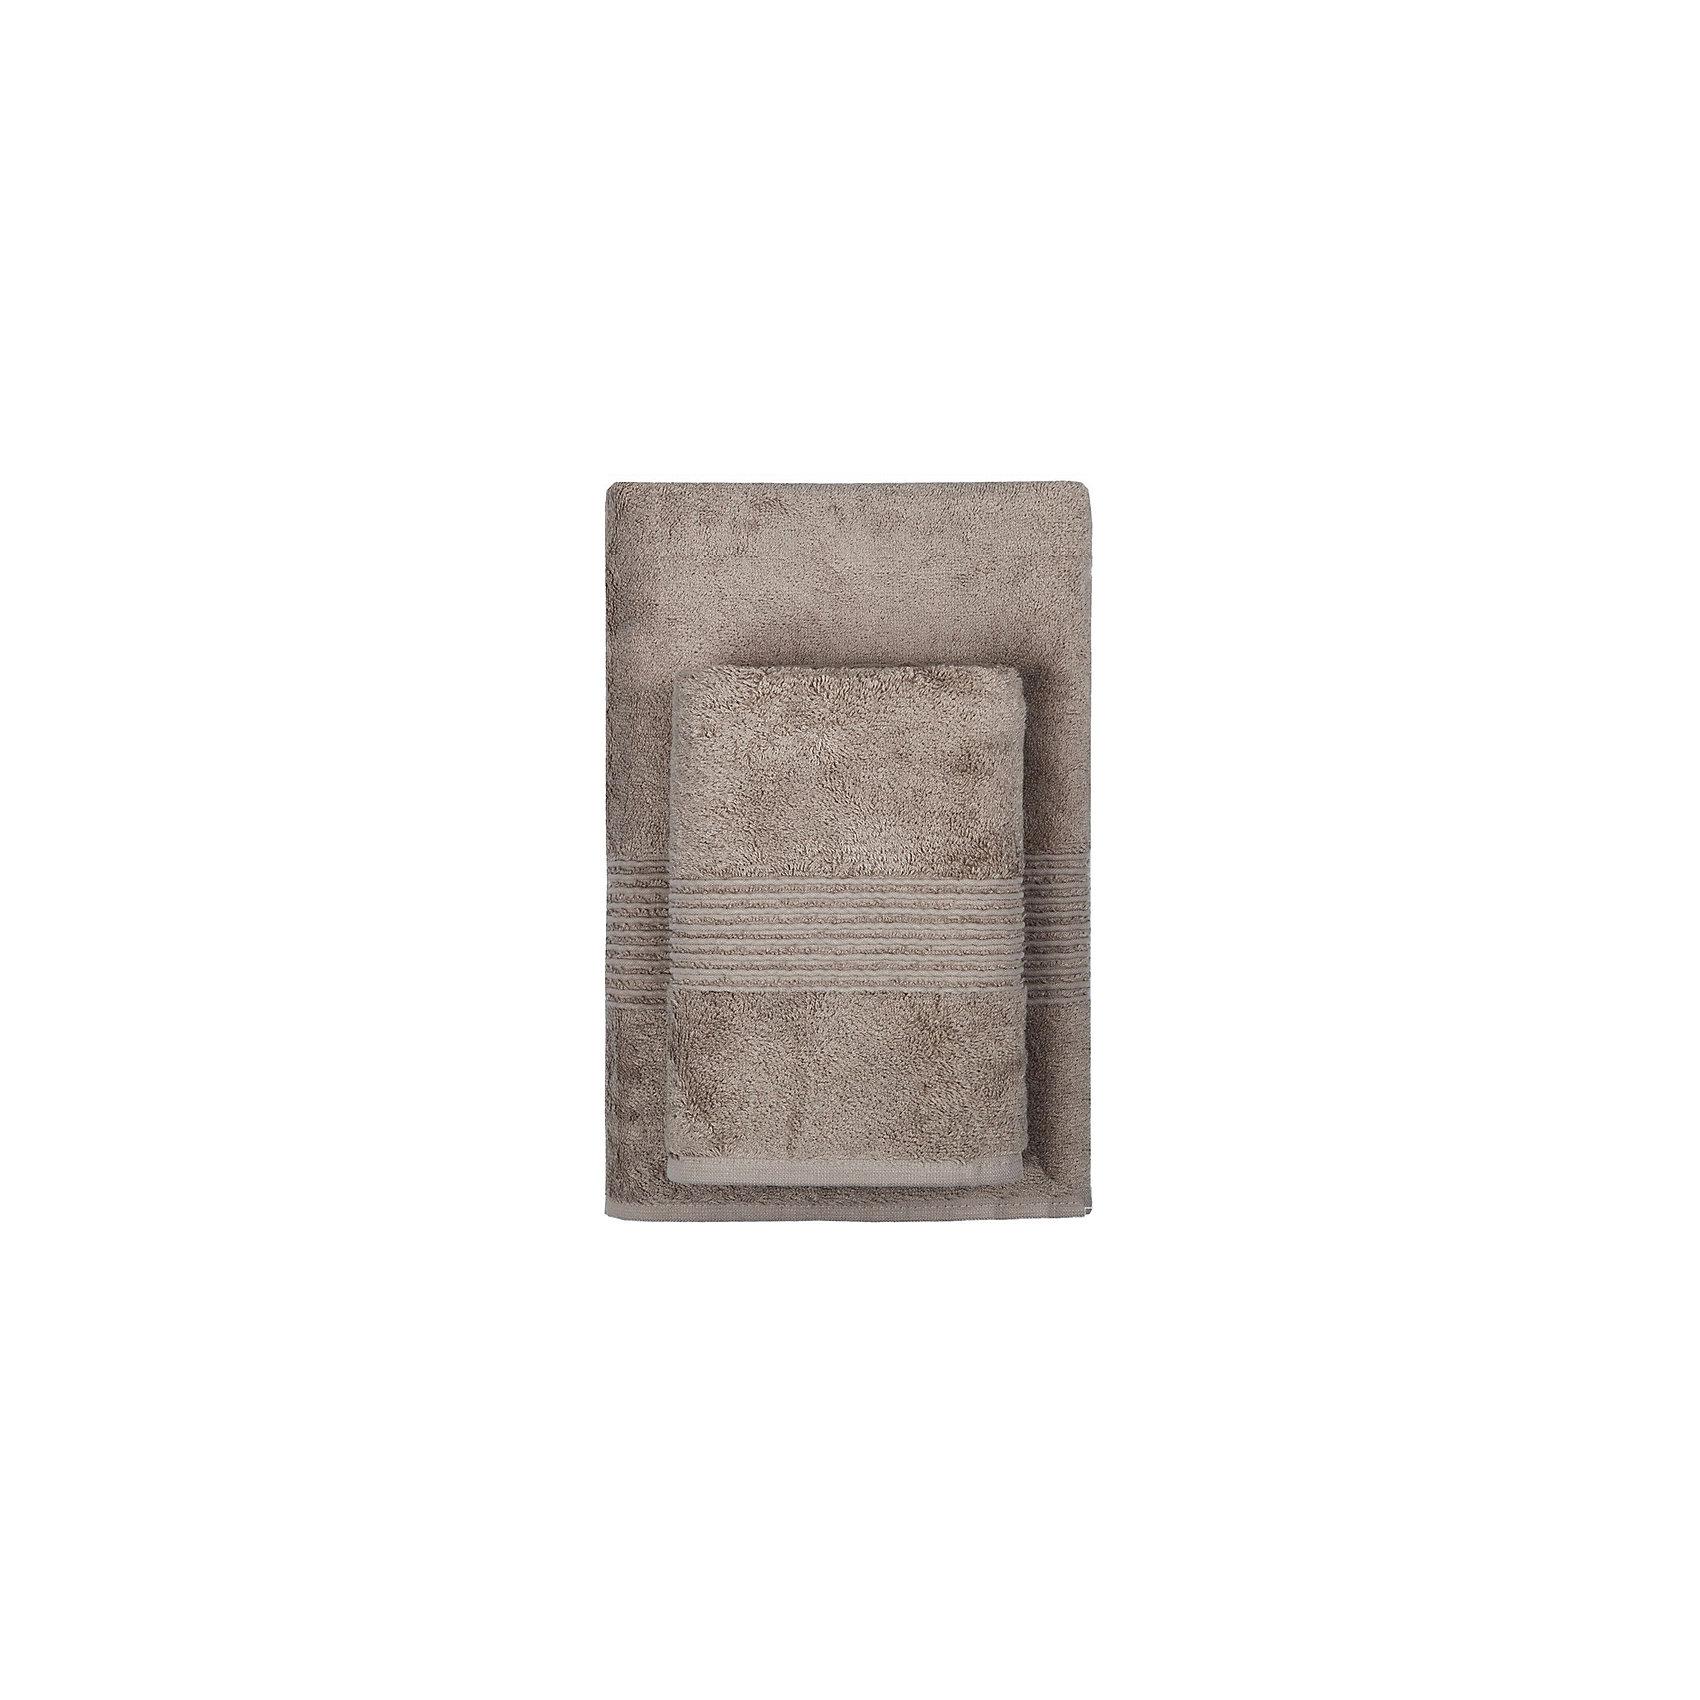 Полотенце махровое Maison Bambu, 50*90, TAC, коричневый (toprak)Характеристики:<br><br>• Вид домашнего текстиля: махровое полотенце<br>• Размеры полотенца: 50*90 см<br>• Рисунок: без рисунка<br>• Декоративные элементы: бордюр<br>• Материал: хлопок, 50% хлопок; бамбук, 50%<br>• Цвет: коричневый<br>• Плотность полотна: 550 гр/м2 <br>• Вес: 260 г<br>• Размеры упаковки (Д*Ш*В): 25*4*25 см<br>• Особенности ухода: машинная стирка <br><br>Полотенце махровое Maison Bambu, 50*90, TAC, коричневый (toprak) от наиболее популярного бренда на отечественном рынке среди производителей комплектов постельного белья и текстильных принадлежностей, выпуском которого занимается производственная компания, являющаяся частью мирового холдинга Zorlu Holding Textiles Group. Полотенце выполнено из сочетания натурального хлопка и бамбукового волокна, что обеспечивает гипоаллергенность, высокую износоустойчивость, повышенные гигкоскопические и антибактериальные свойства изделия. <br><br>Благодаря высокой степени плотности махры, полотенце отлично впитывает влагу, но при этом остается мягким. Ворс окрашен стойкими нетоксичными красителями, который не оставляет запаха и обеспечивает ровный окрас. Полотенце сохраняет свой цвет и форму даже при частых стирках. Выполнено в коричневом цвете без рисунка, декорировано бордюром.<br><br>Полотенце махровое Maison Bambu, 50*90, TAC, коричневый (toprak) можно купить в нашем интернет-магазине.<br><br>Ширина мм: 250<br>Глубина мм: 30<br>Высота мм: 230<br>Вес г: 300<br>Возраст от месяцев: 216<br>Возраст до месяцев: 1188<br>Пол: Унисекс<br>Возраст: Детский<br>SKU: 5476338